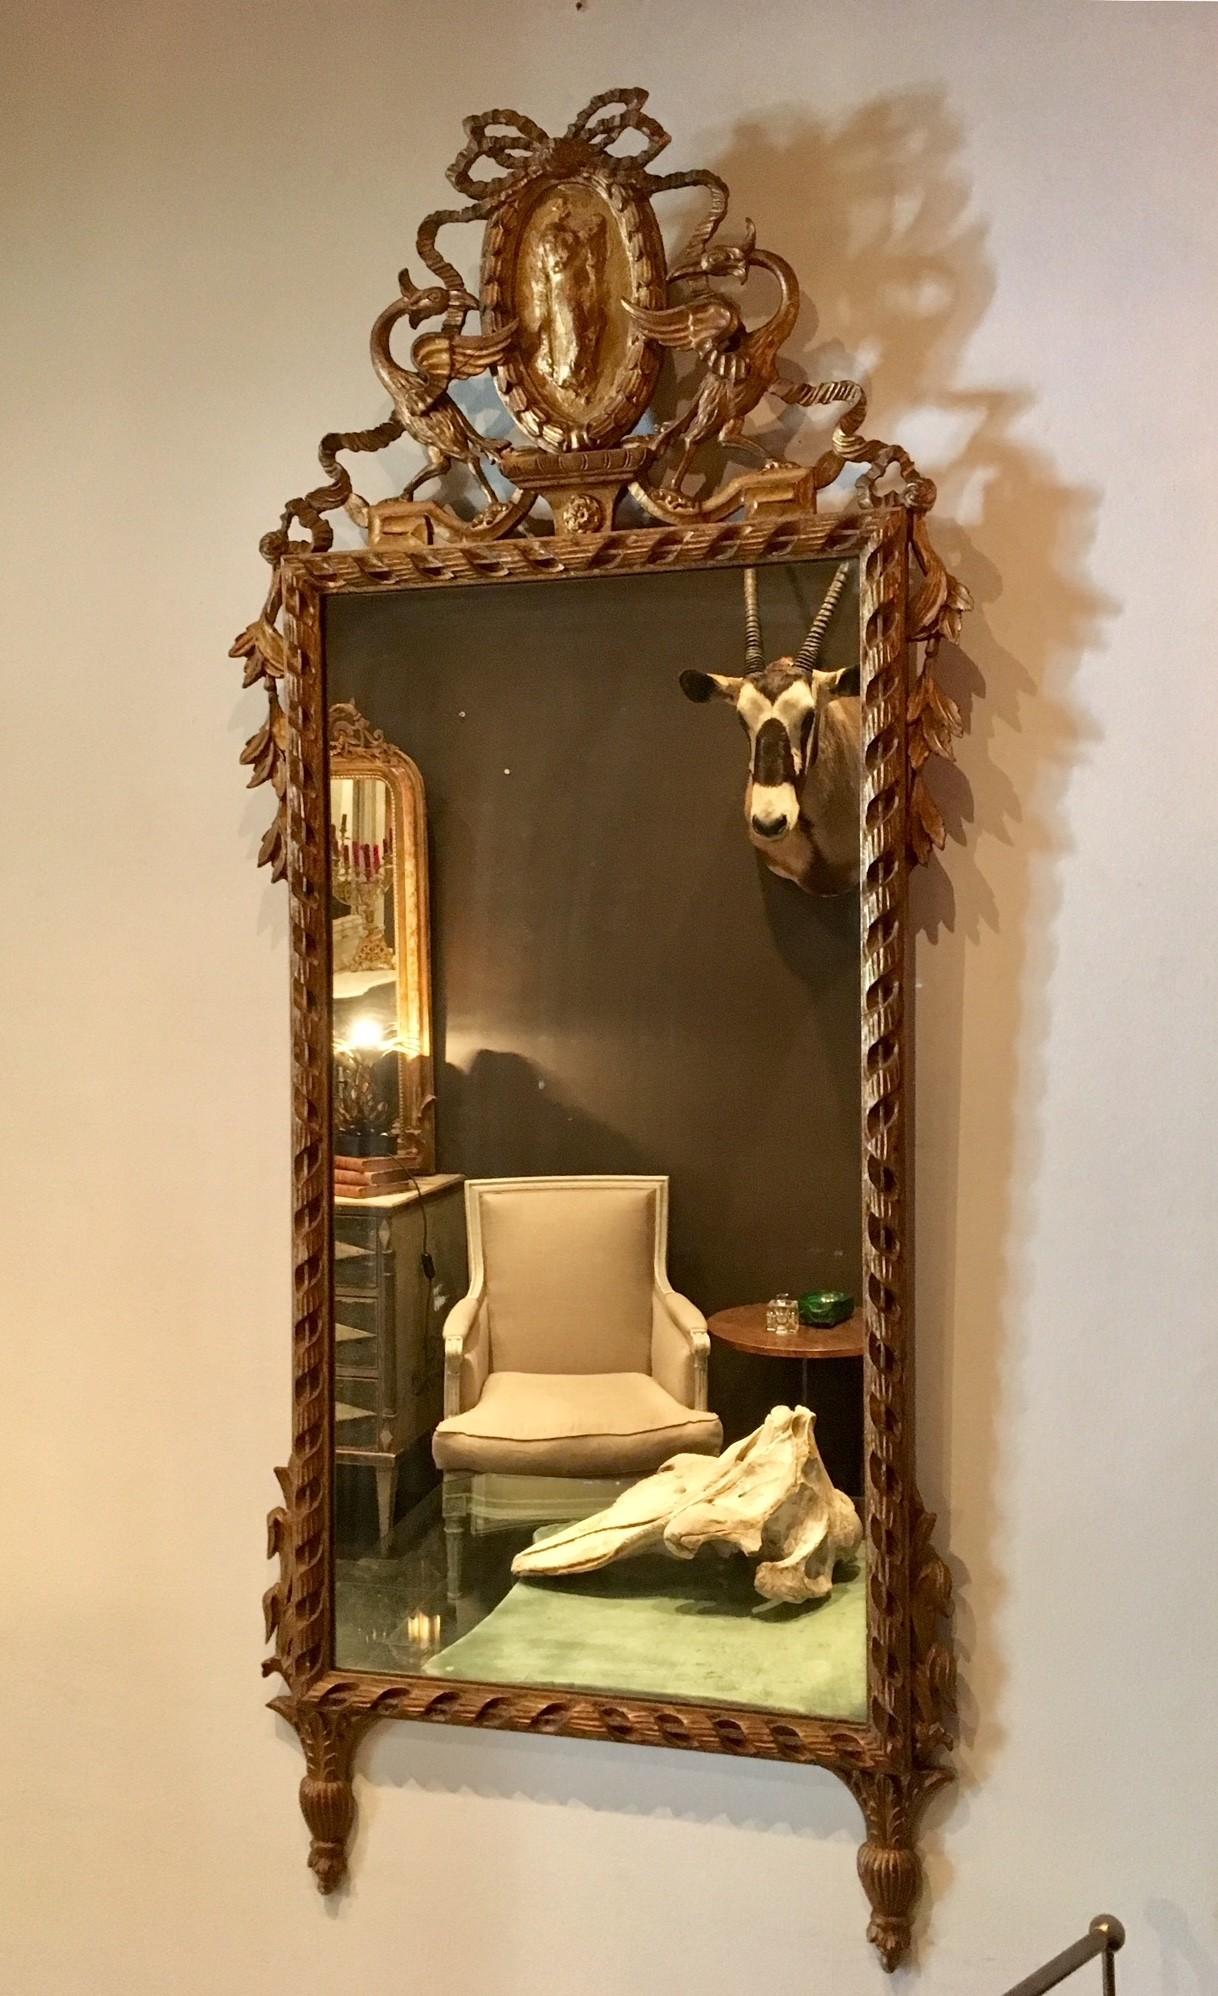 Prachtige antieke spiegel met hand gestoken vergulde lijst